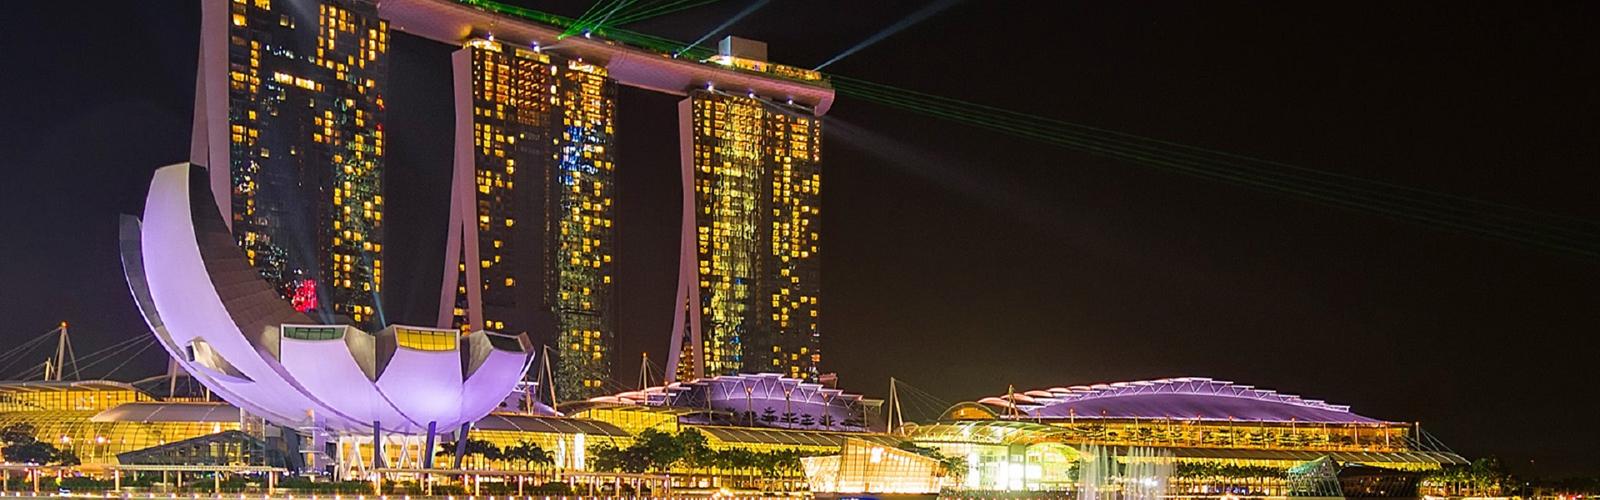 Singapore - Republic of Singapore